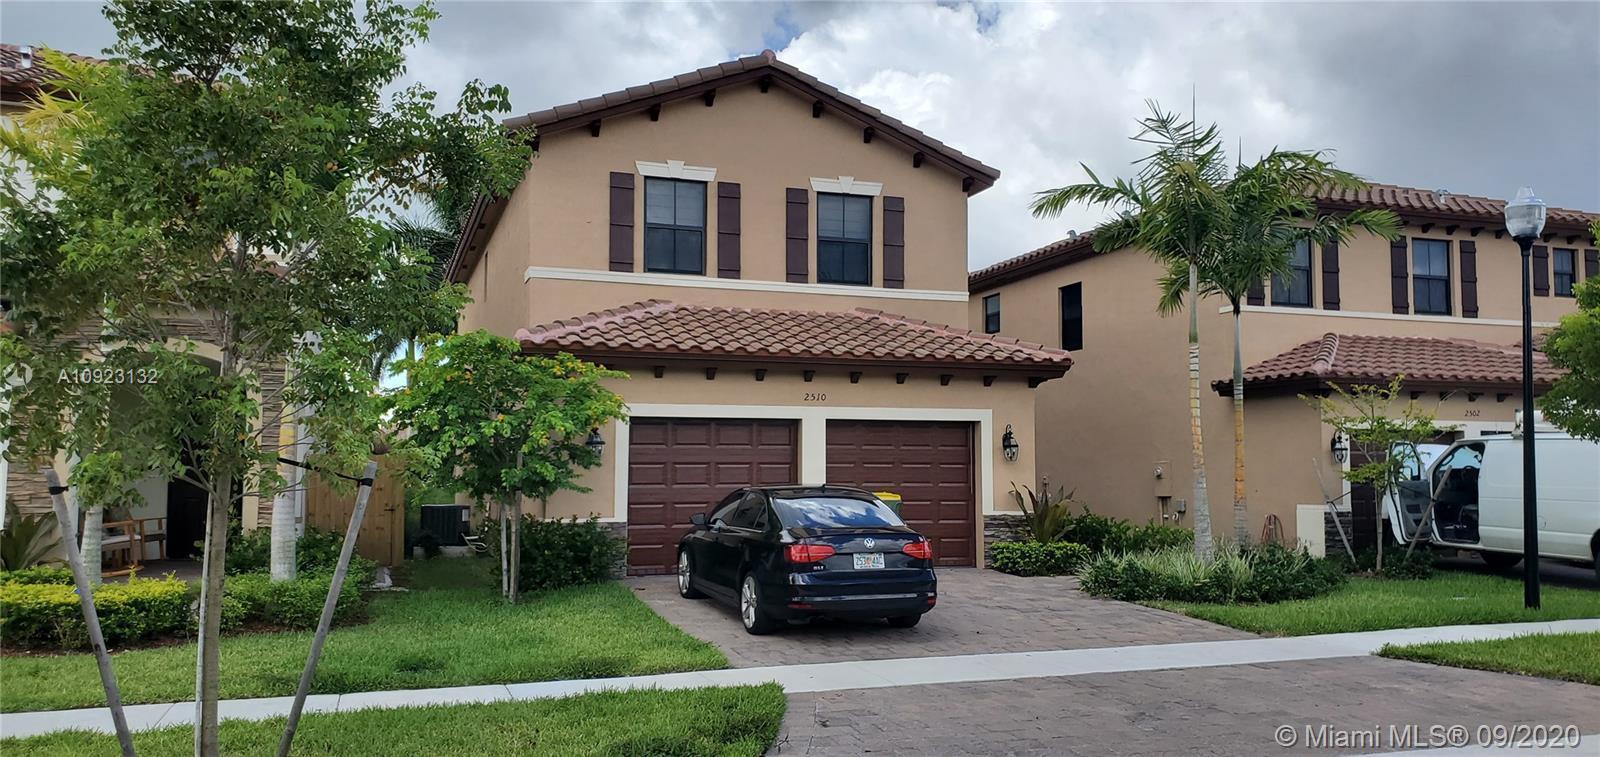 2510 NE 1st St #2510 Property Photo